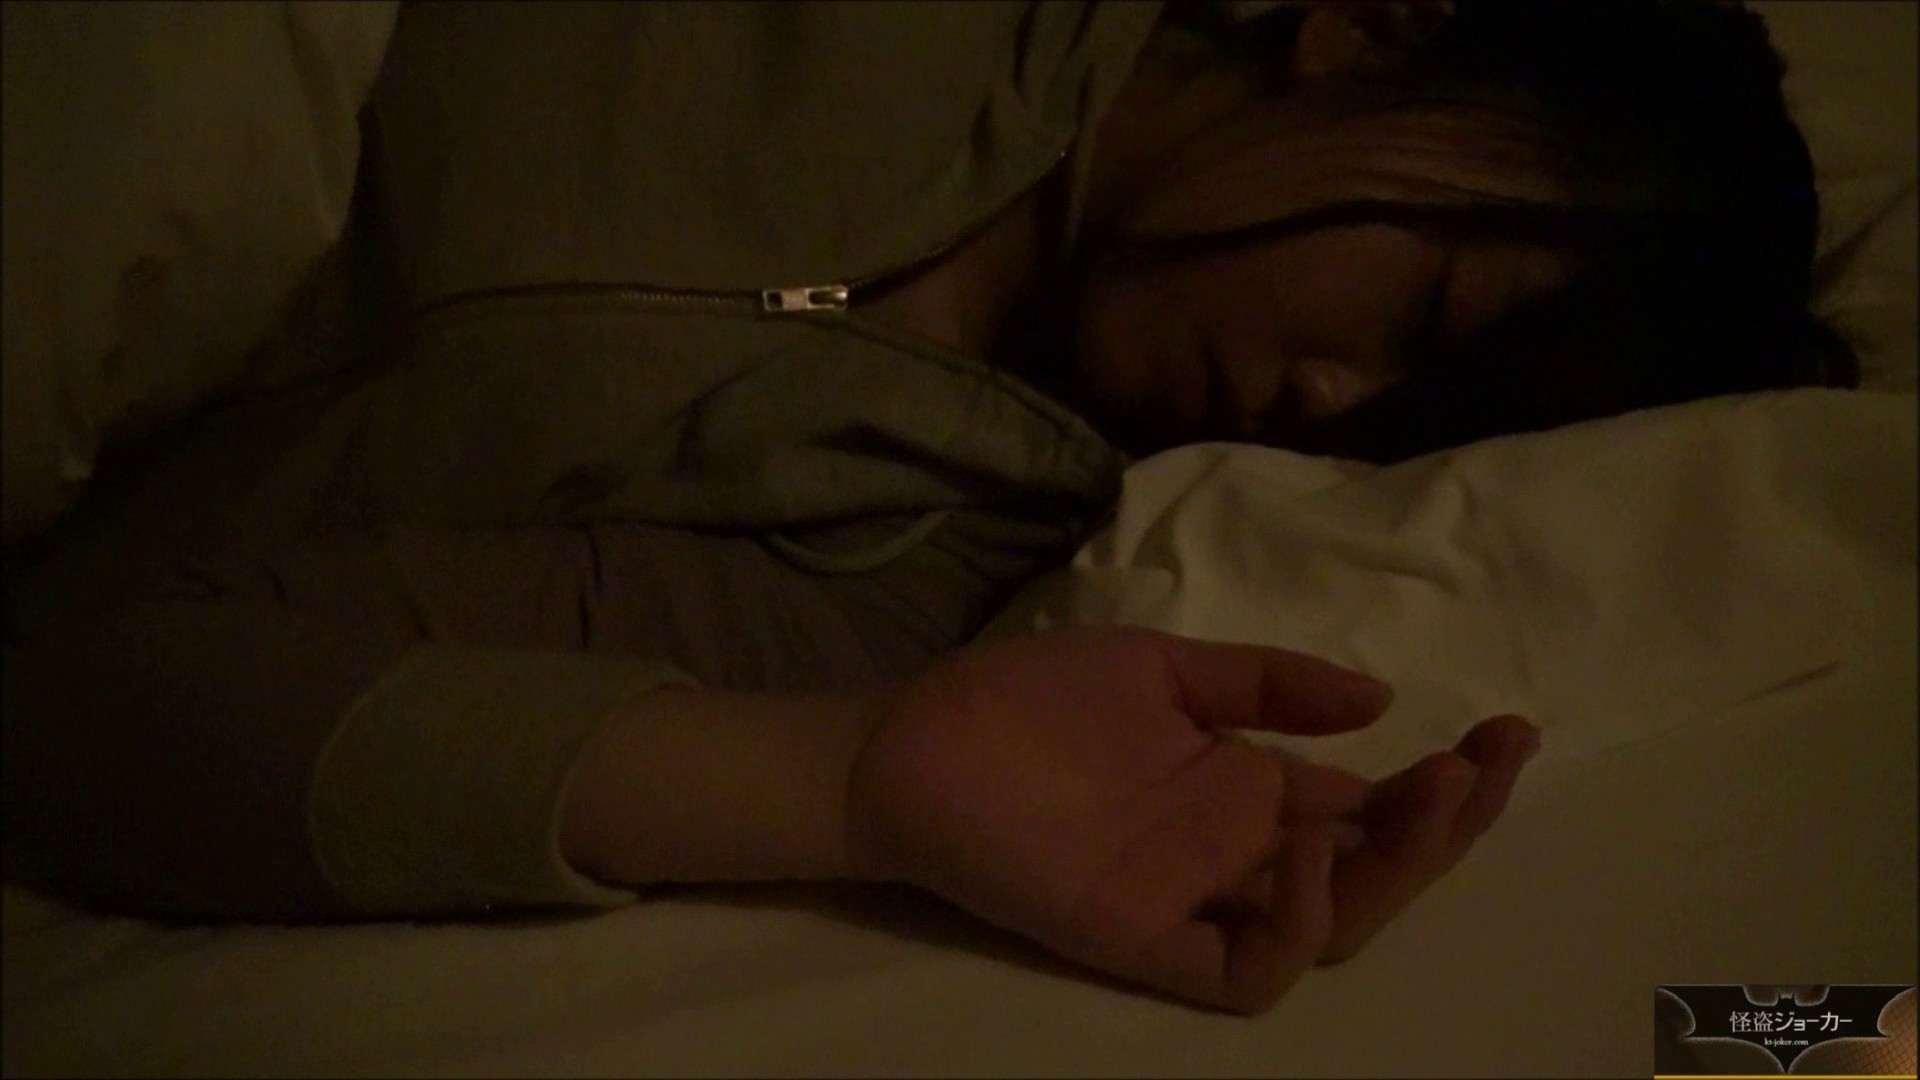 【未公開】vol.75 {関東某有名お嬢様JD}yuunaちゃん① お嬢様の実態   ホテルでエッチ  78pic 25